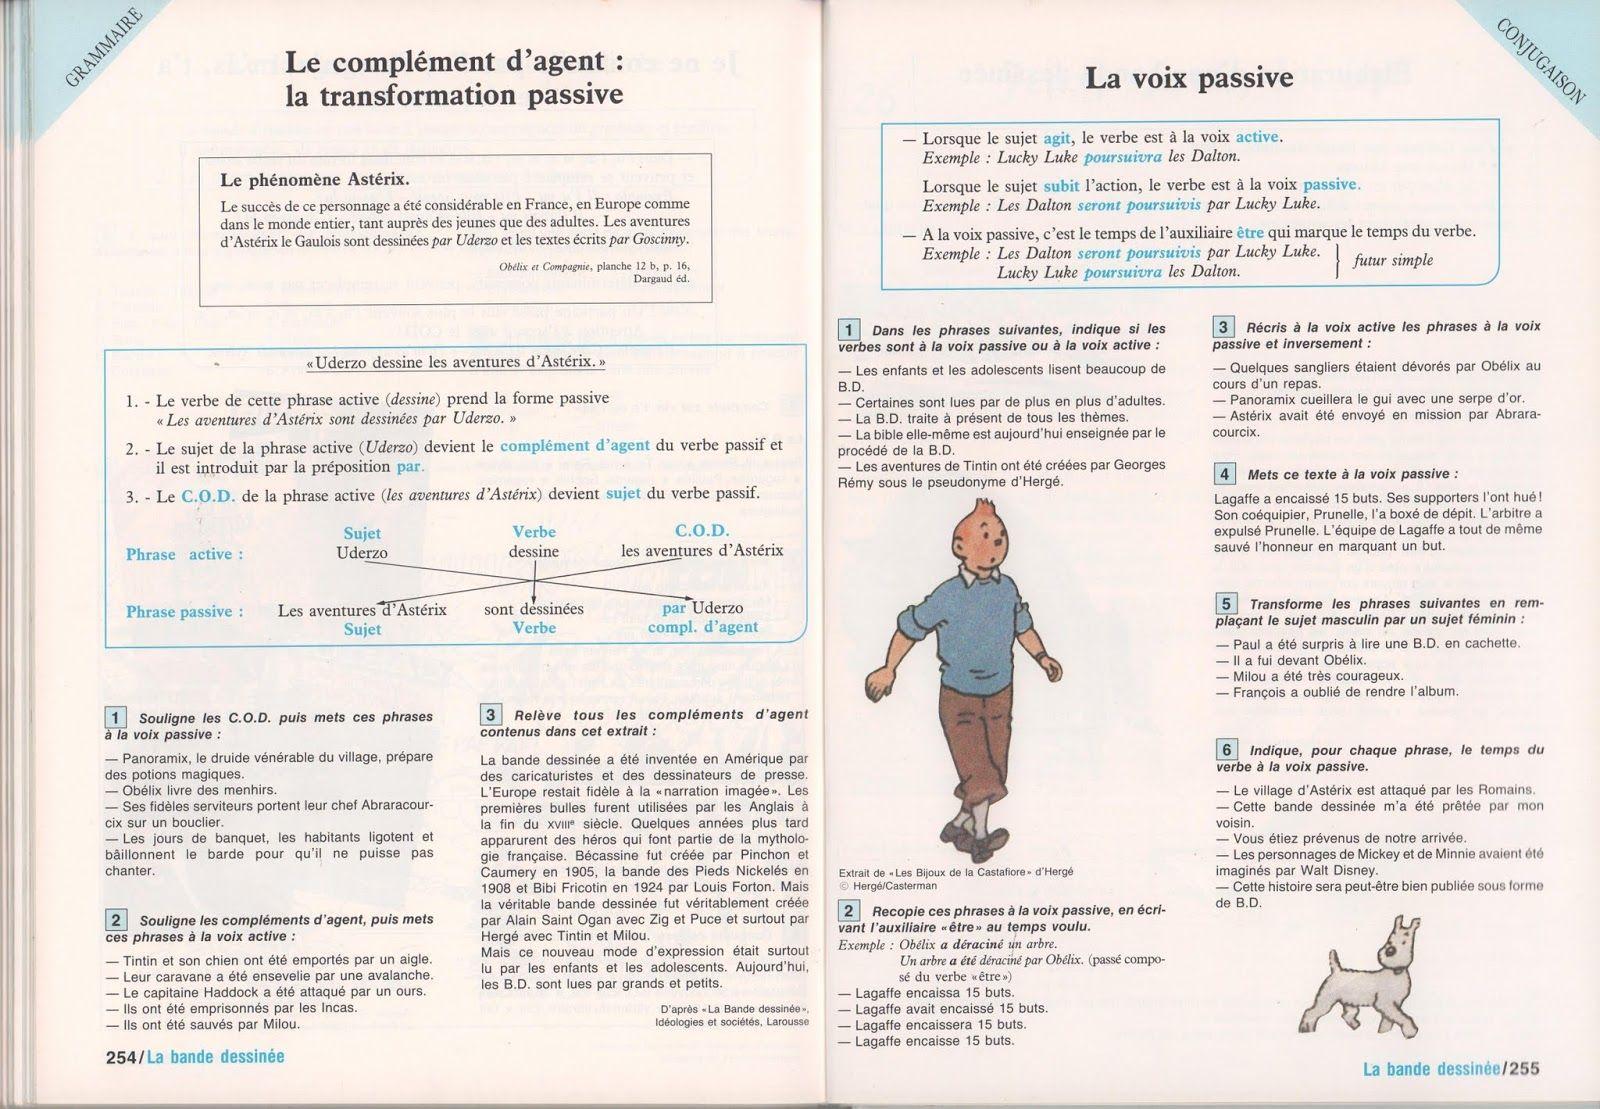 Epingle Sur Des Infos